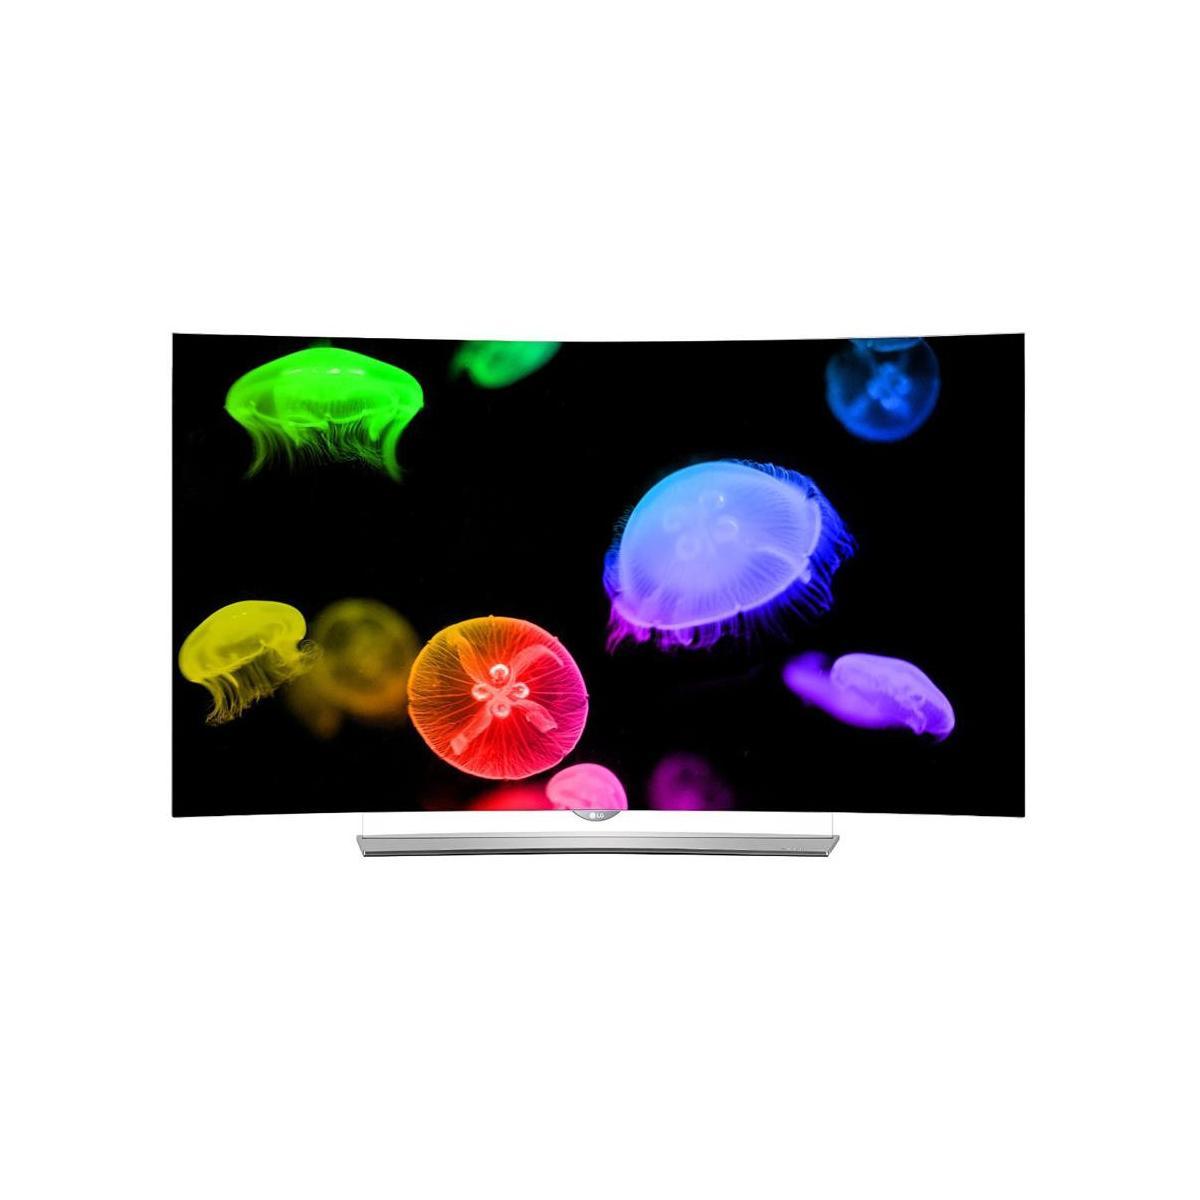 """55"""" LG EG9600 4K OLED 3D HDTV + LG MusicFlow P7 Bluetooth Speaker (Pre-Order)  $3000 & More + Free S&H"""